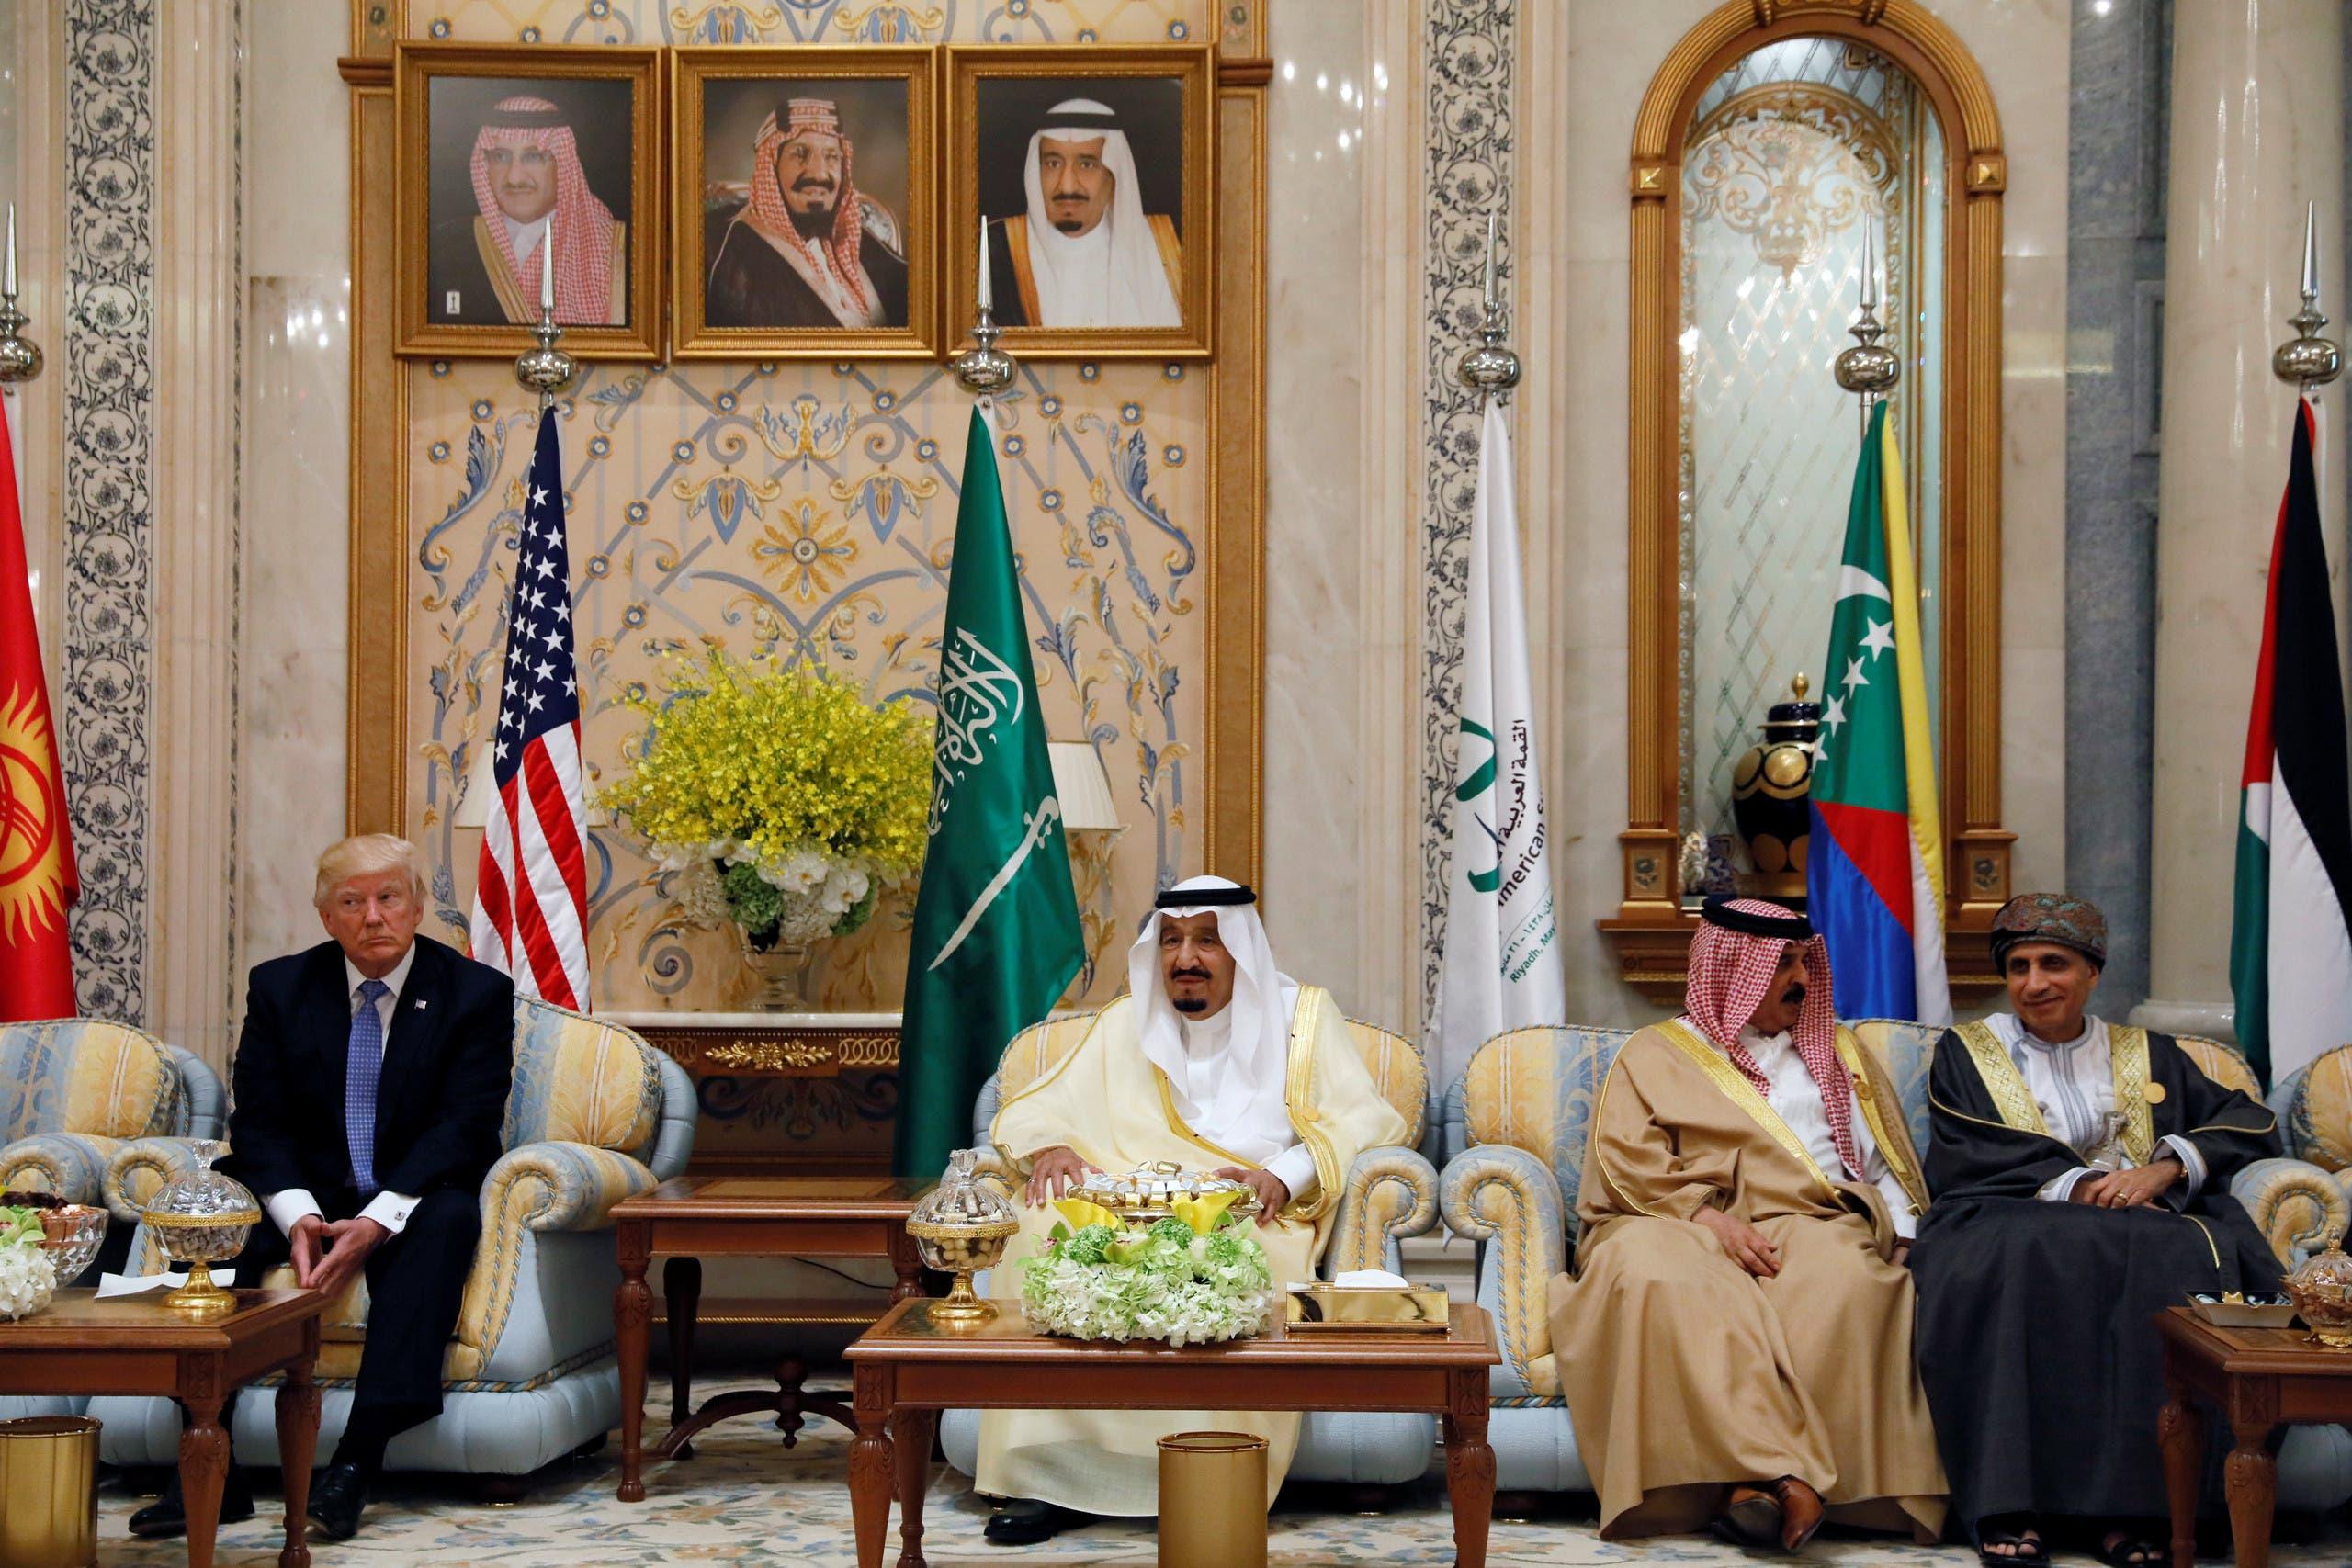 العاهل السعودي وخادم الحرمين قبيل انعقاد القمة